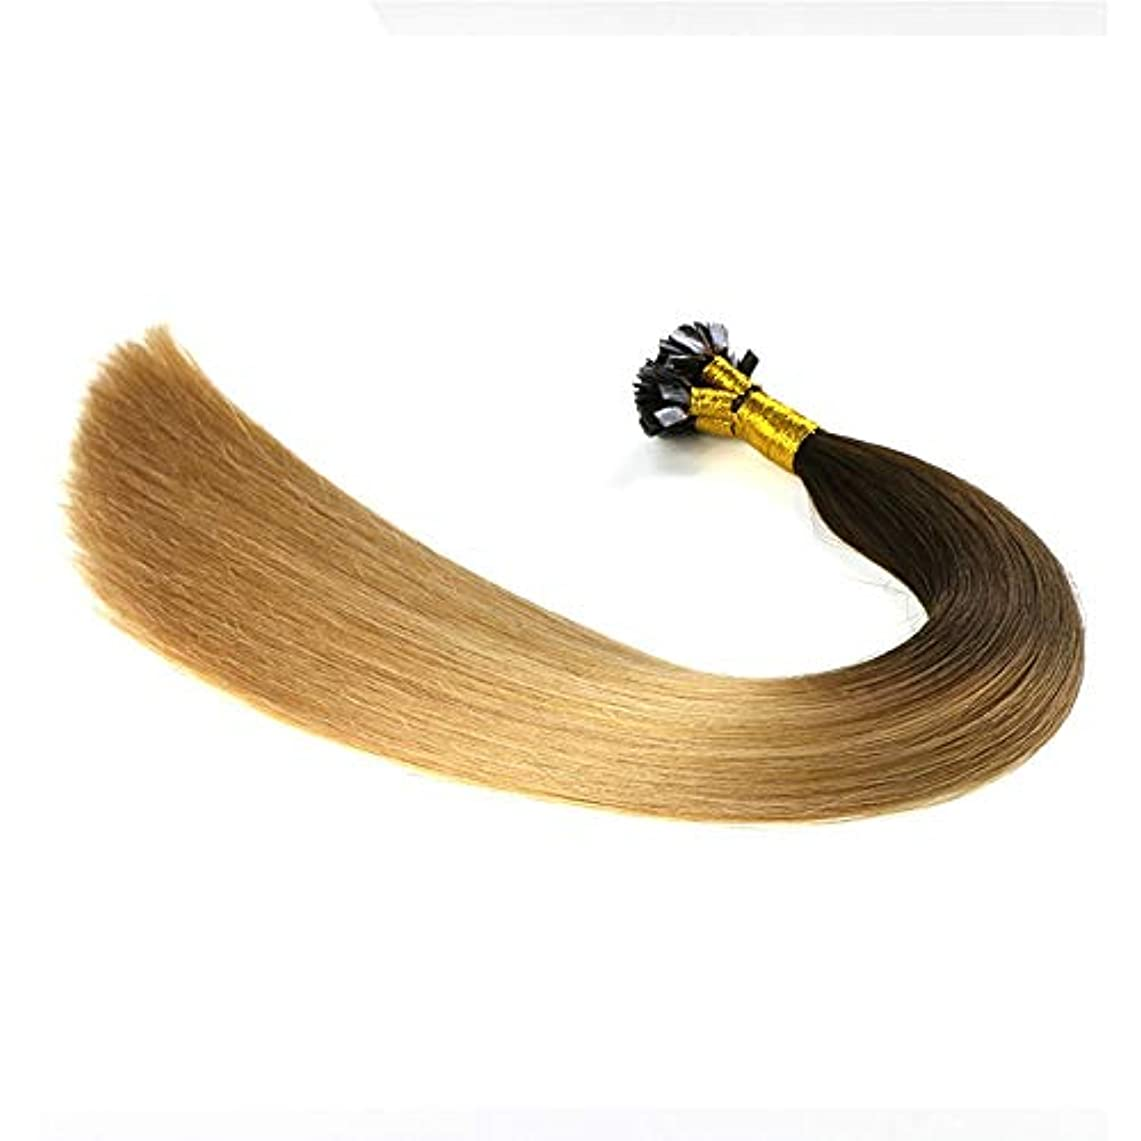 トラクター脆い引き渡すWASAIO ヘアエクステンションクリップのシームレスな髪型ナノリングオンブルトップ金ぴかブラウンボトムハイライトブロンドダブル描かれた人間の髪 (色 : Blonde, サイズ : 24 inch)